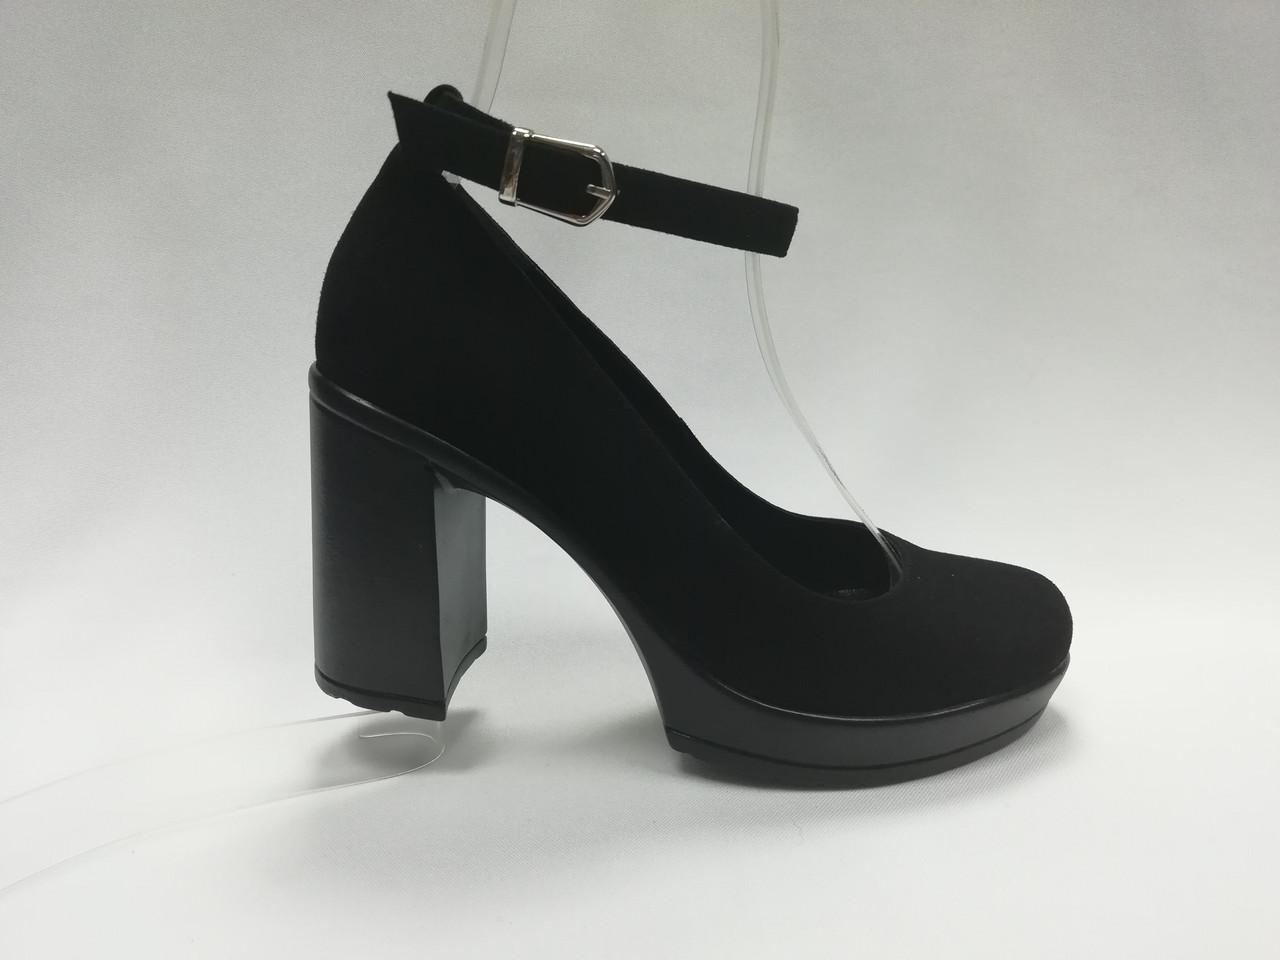 af819f833 Черные замшевые туфли на каблуке. Маленькие ( 33 - 35) размеры ...